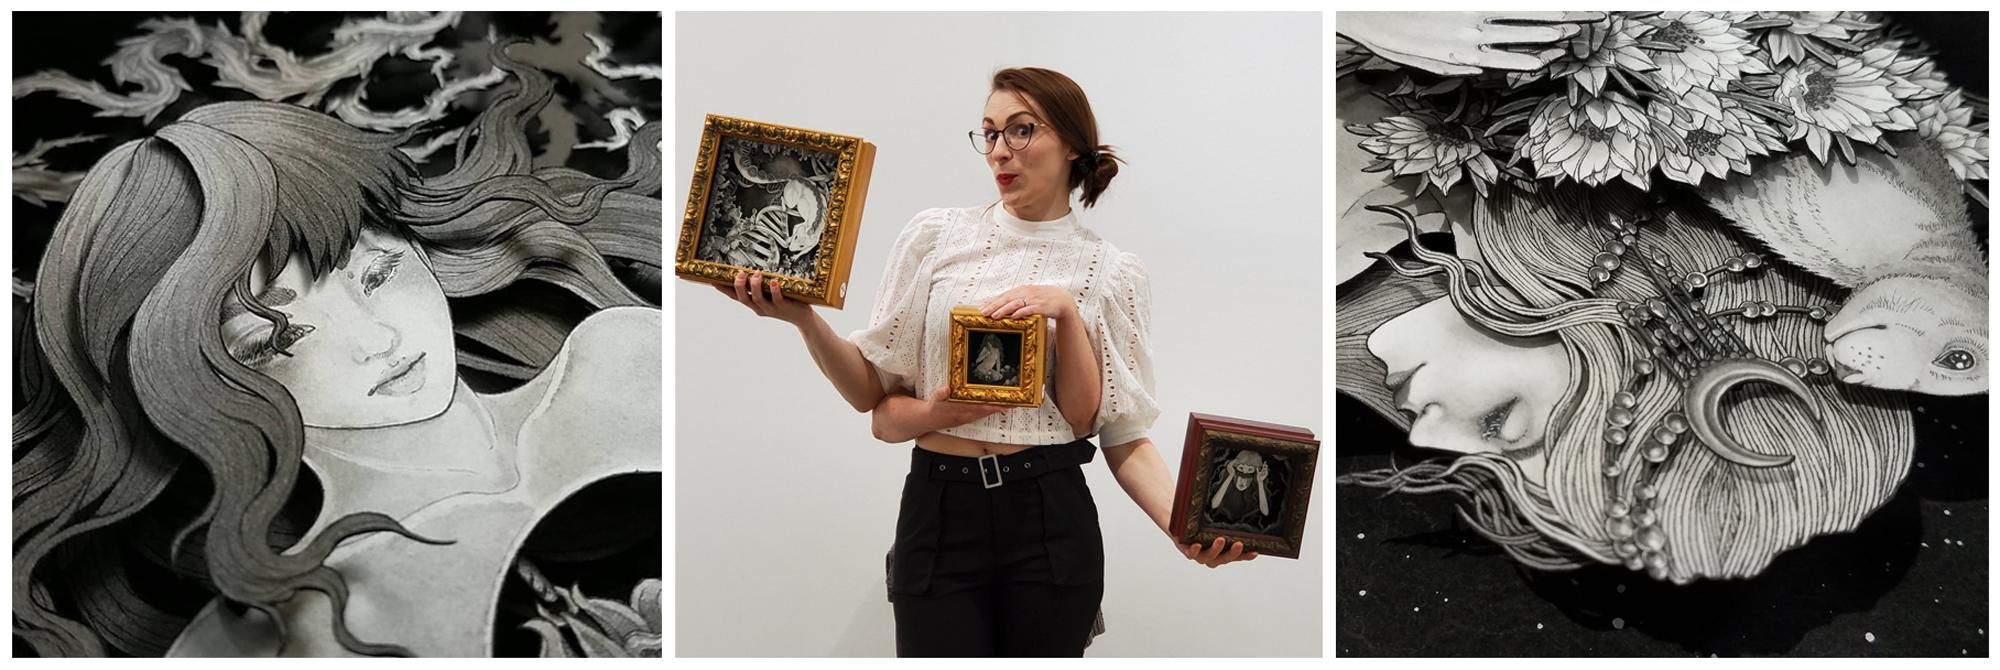 Daria Aksenova Art vs. Artist collage